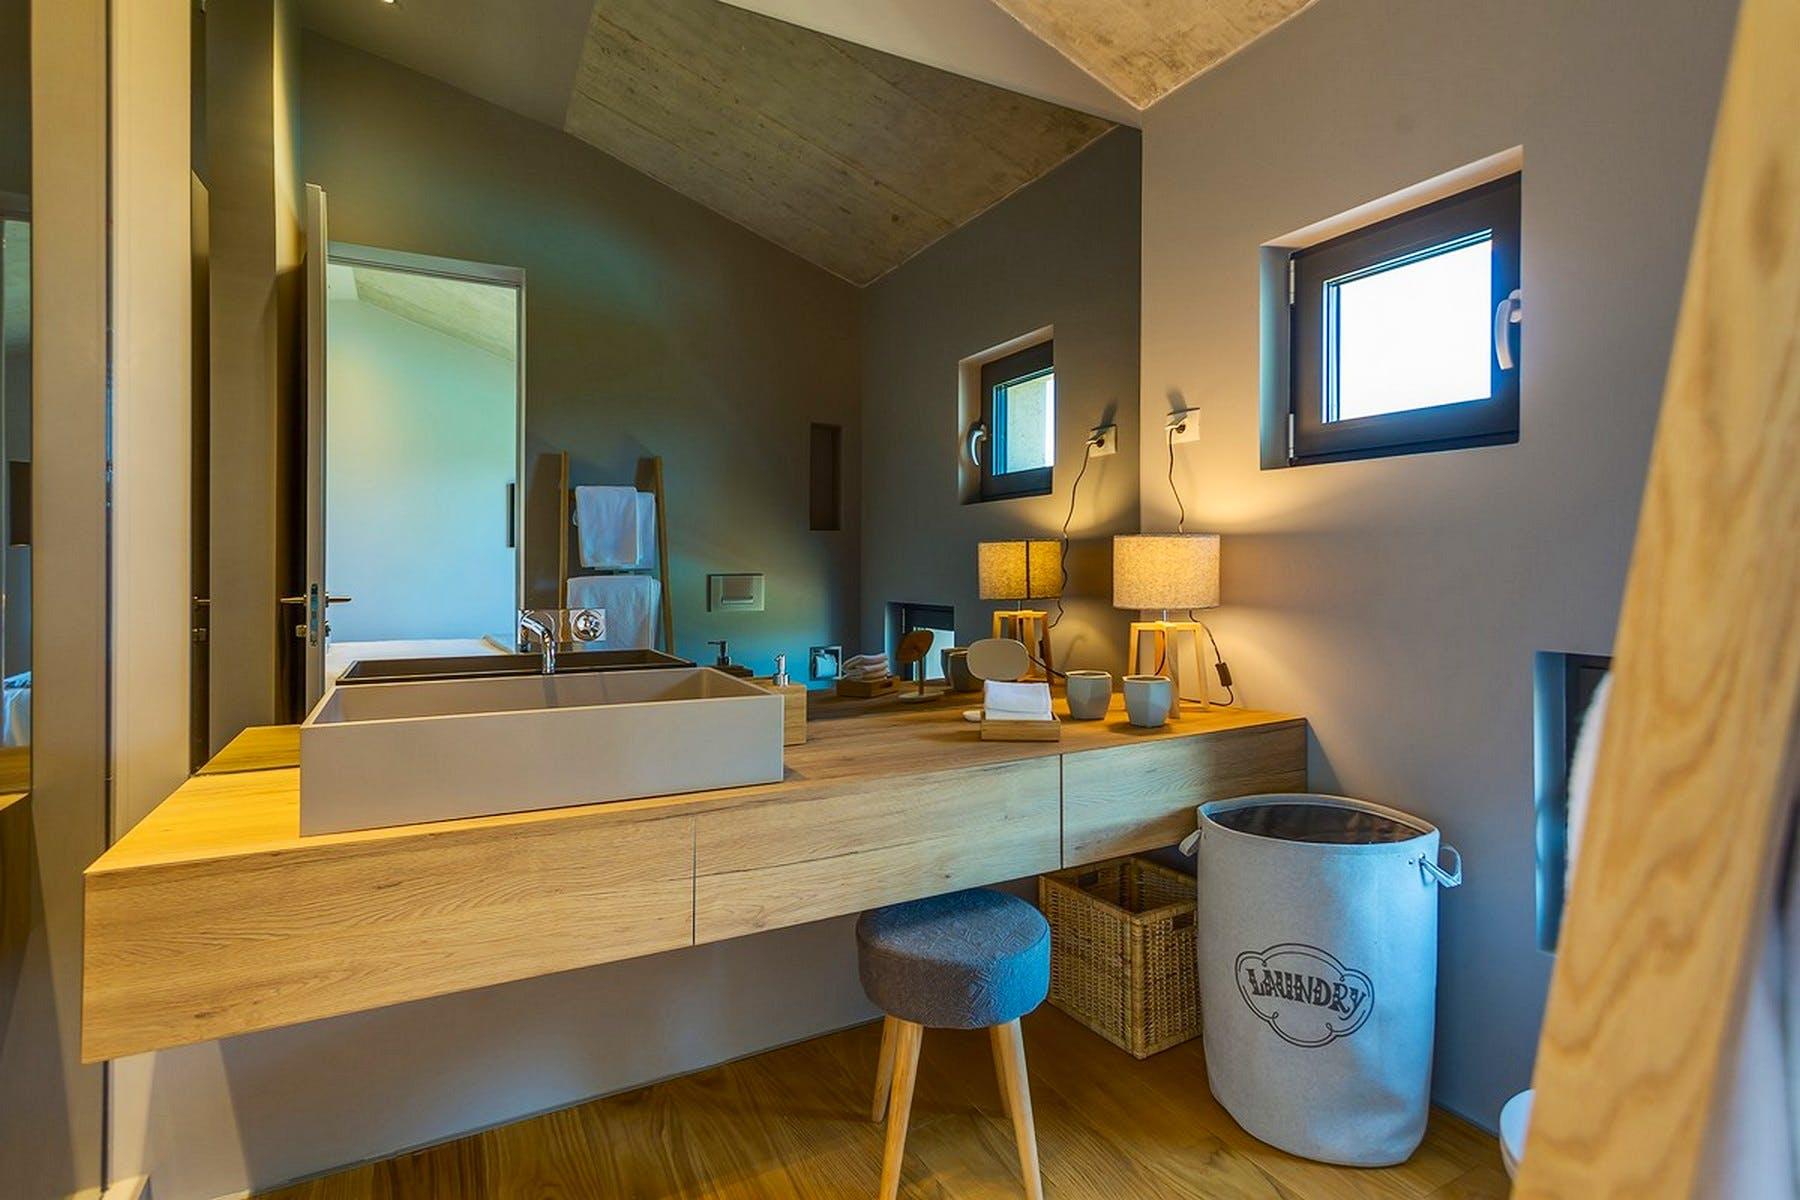 Moderno uređenje kupaonice